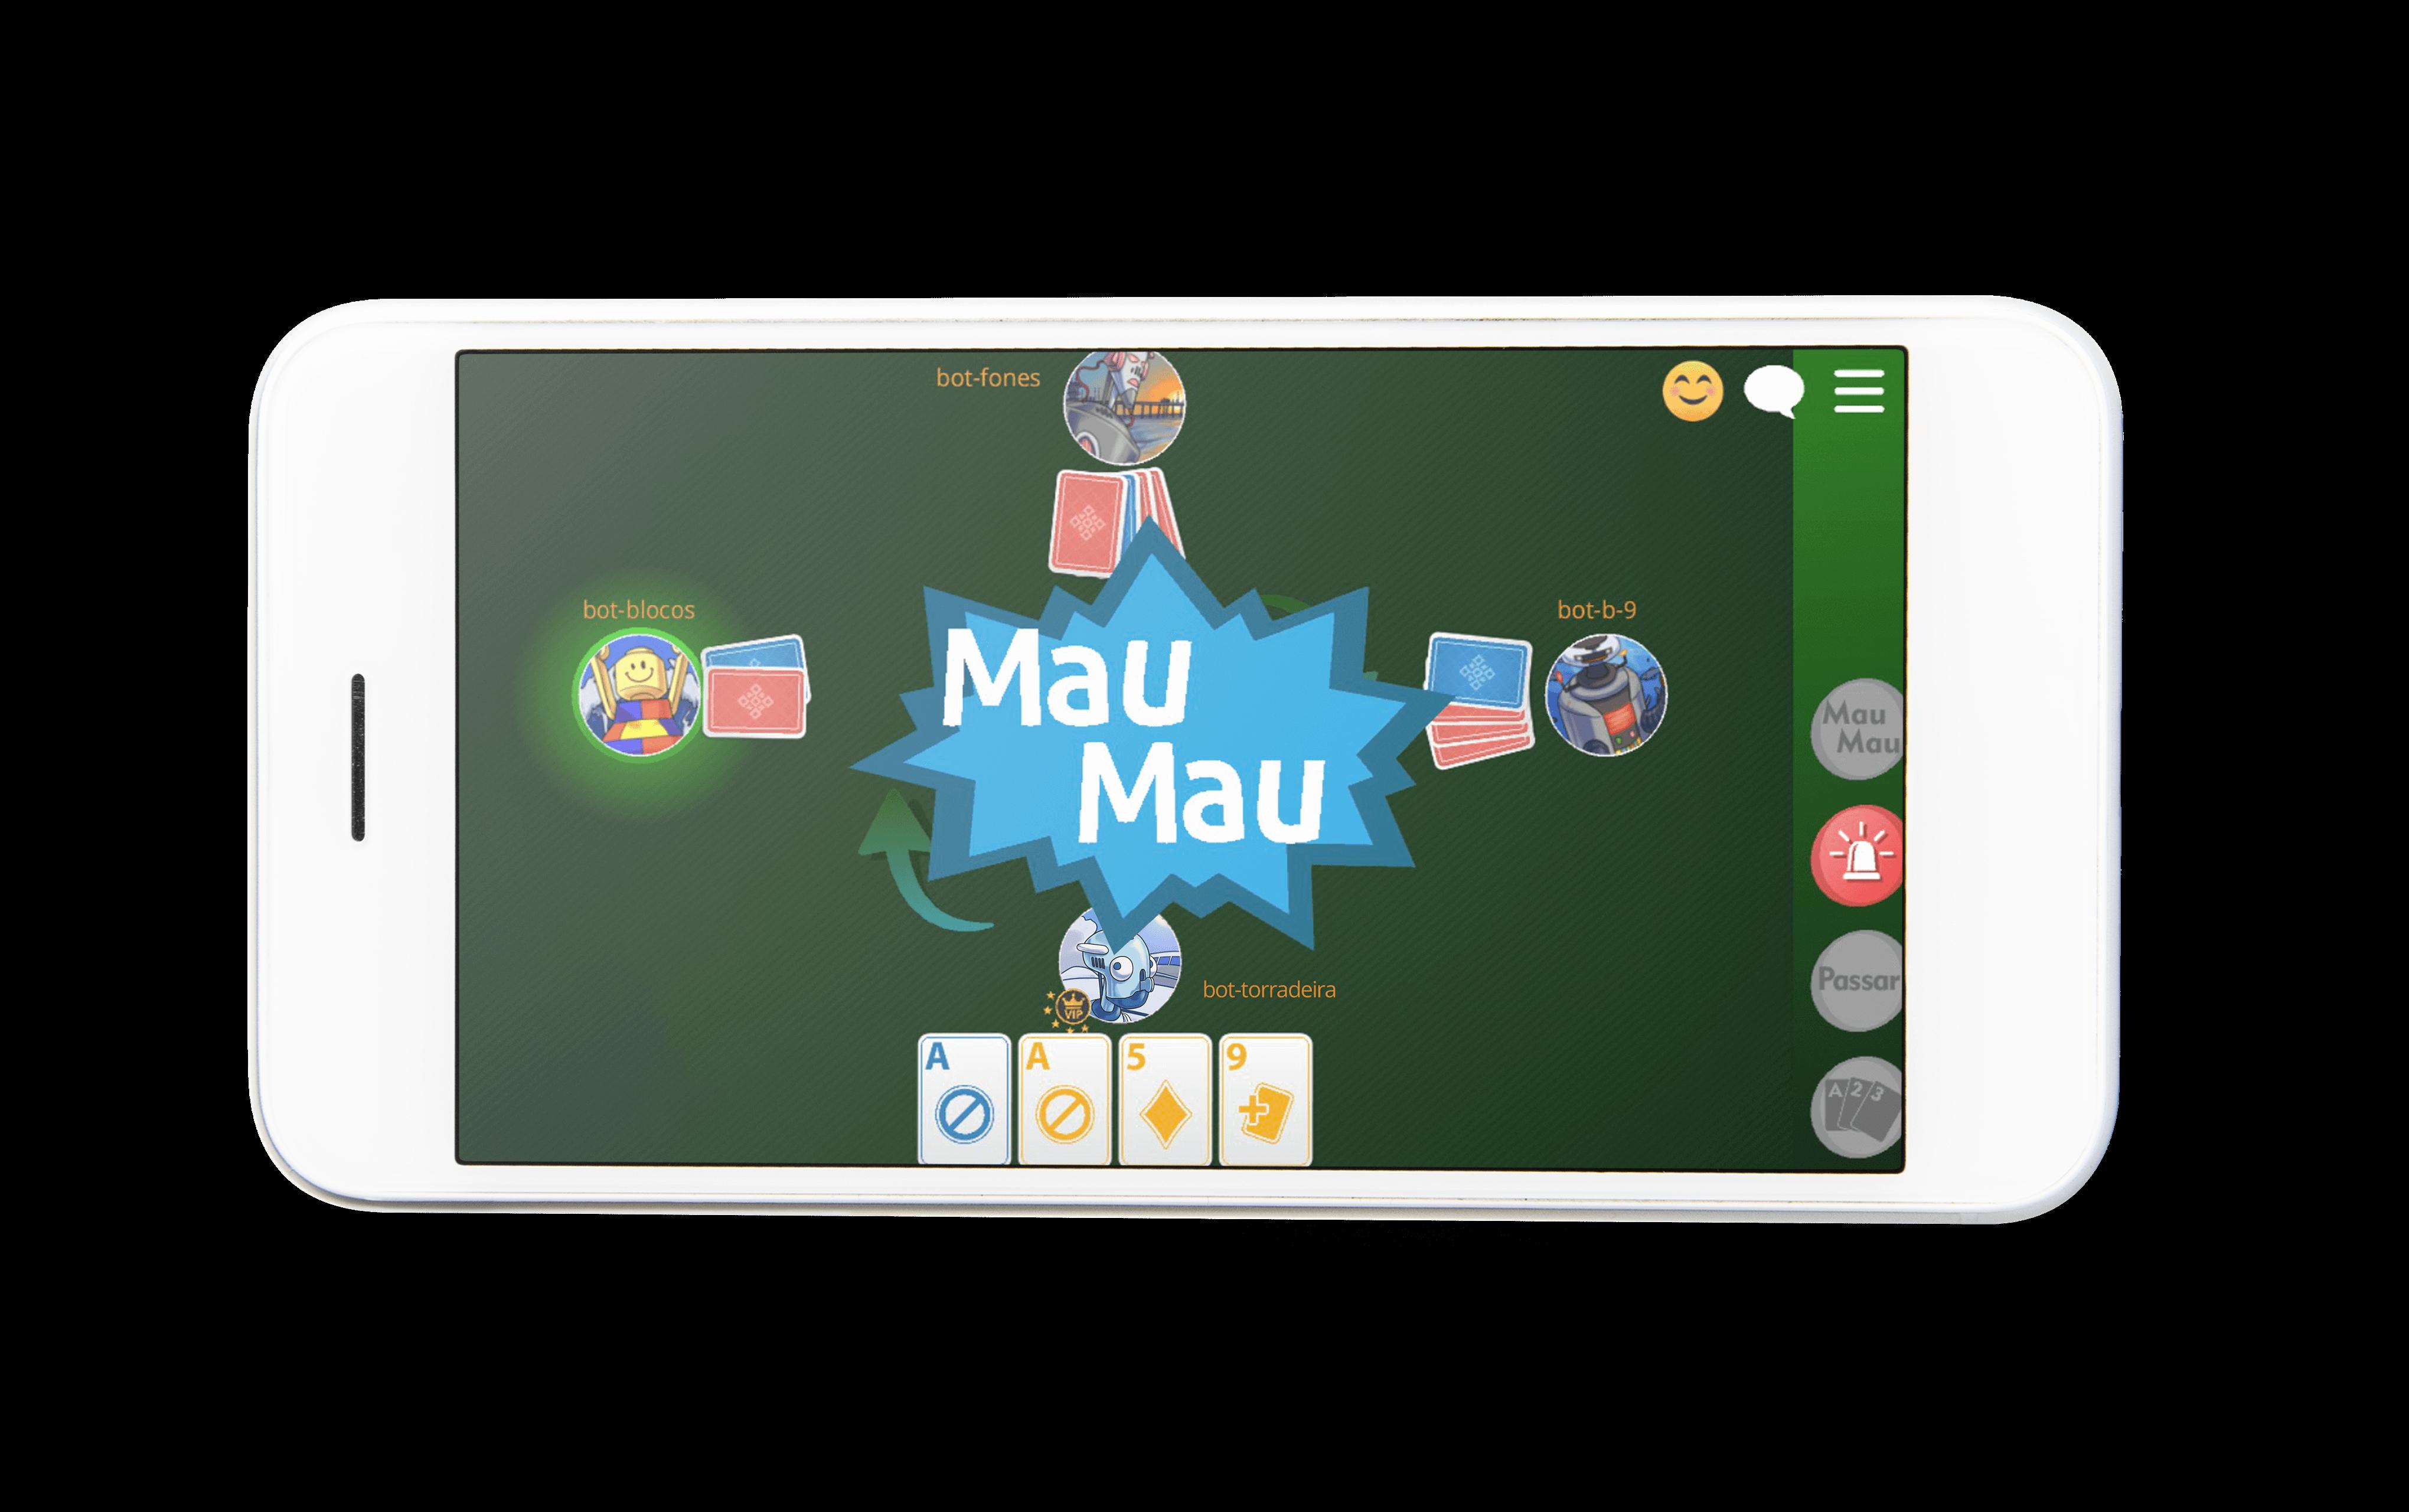 Mau Mau Uno